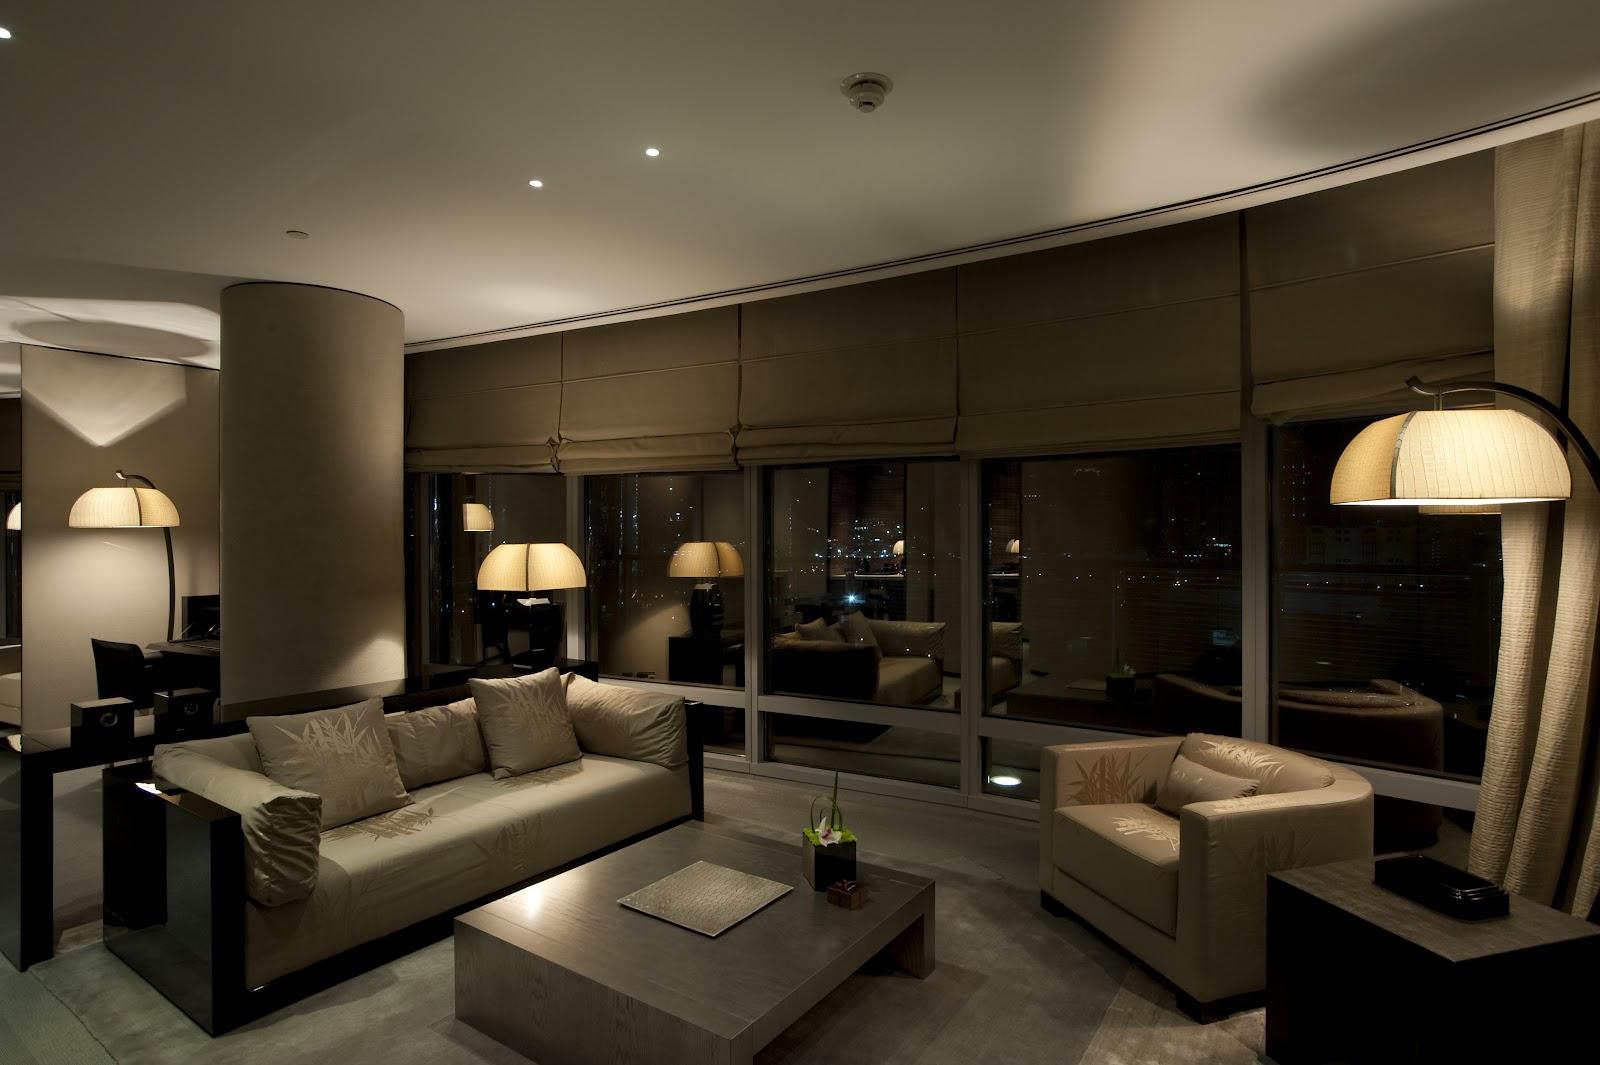 Passion for luxury armani hotel in dubai burj khalifa tower for Luxury hotel suites in dubai